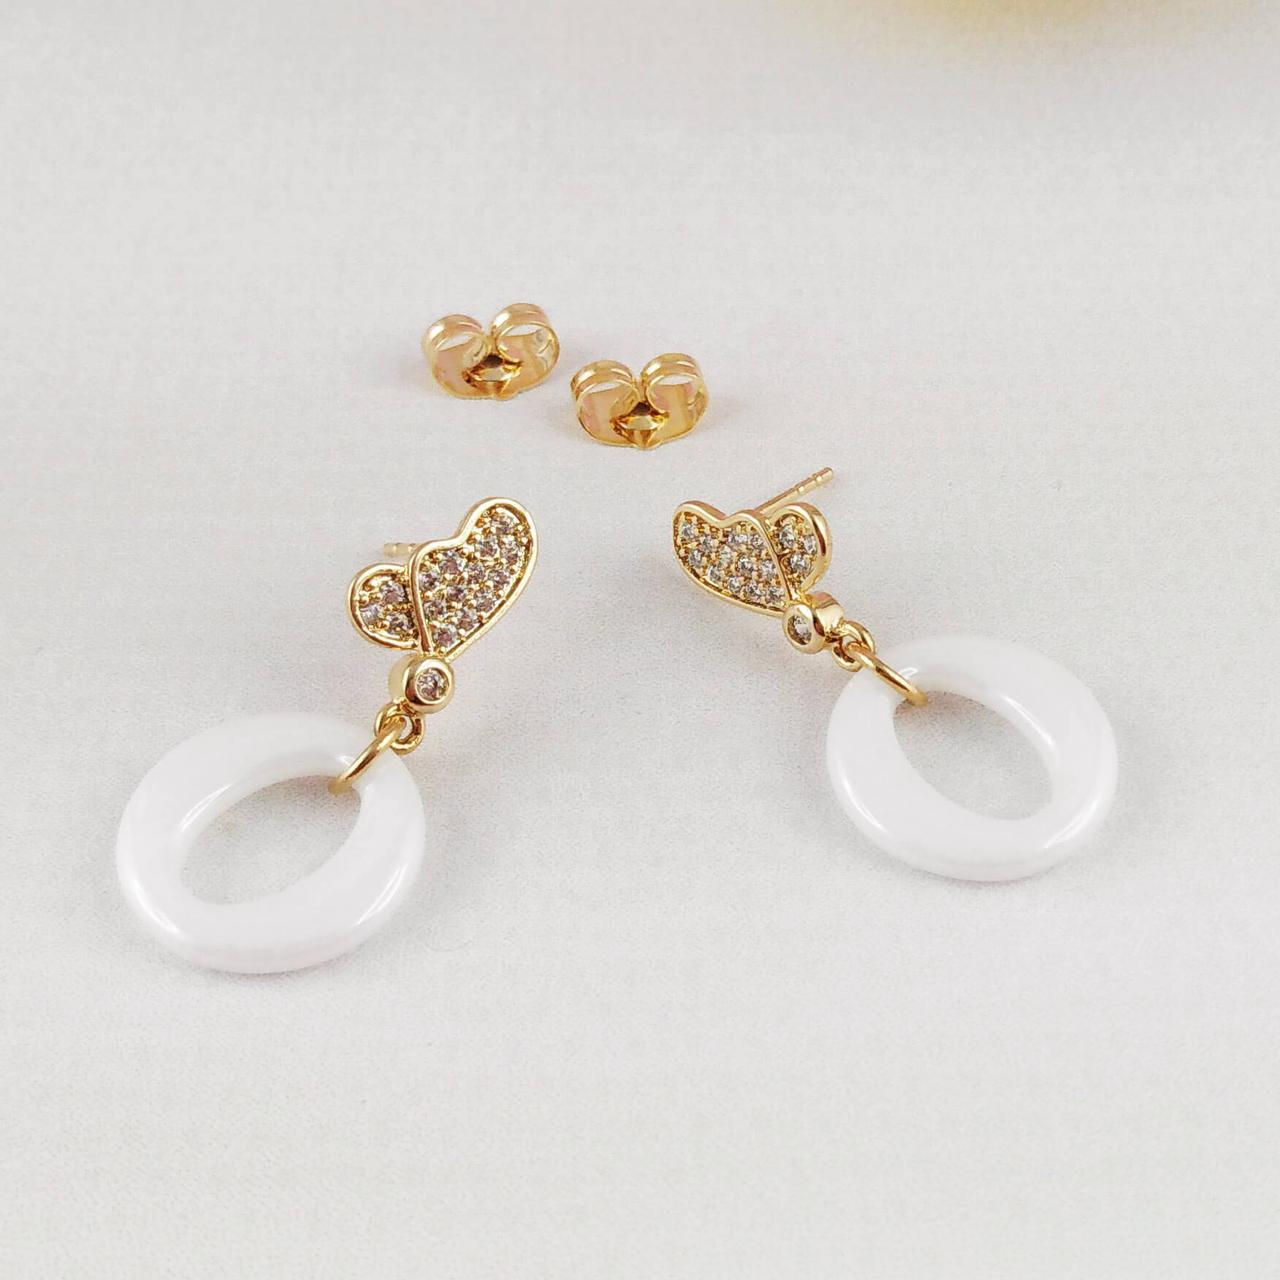 Серьги подвески Xuping Jewelry Бабочки в профиль с белой керамикой медицинское золото, позолота 18К. А/В 4533